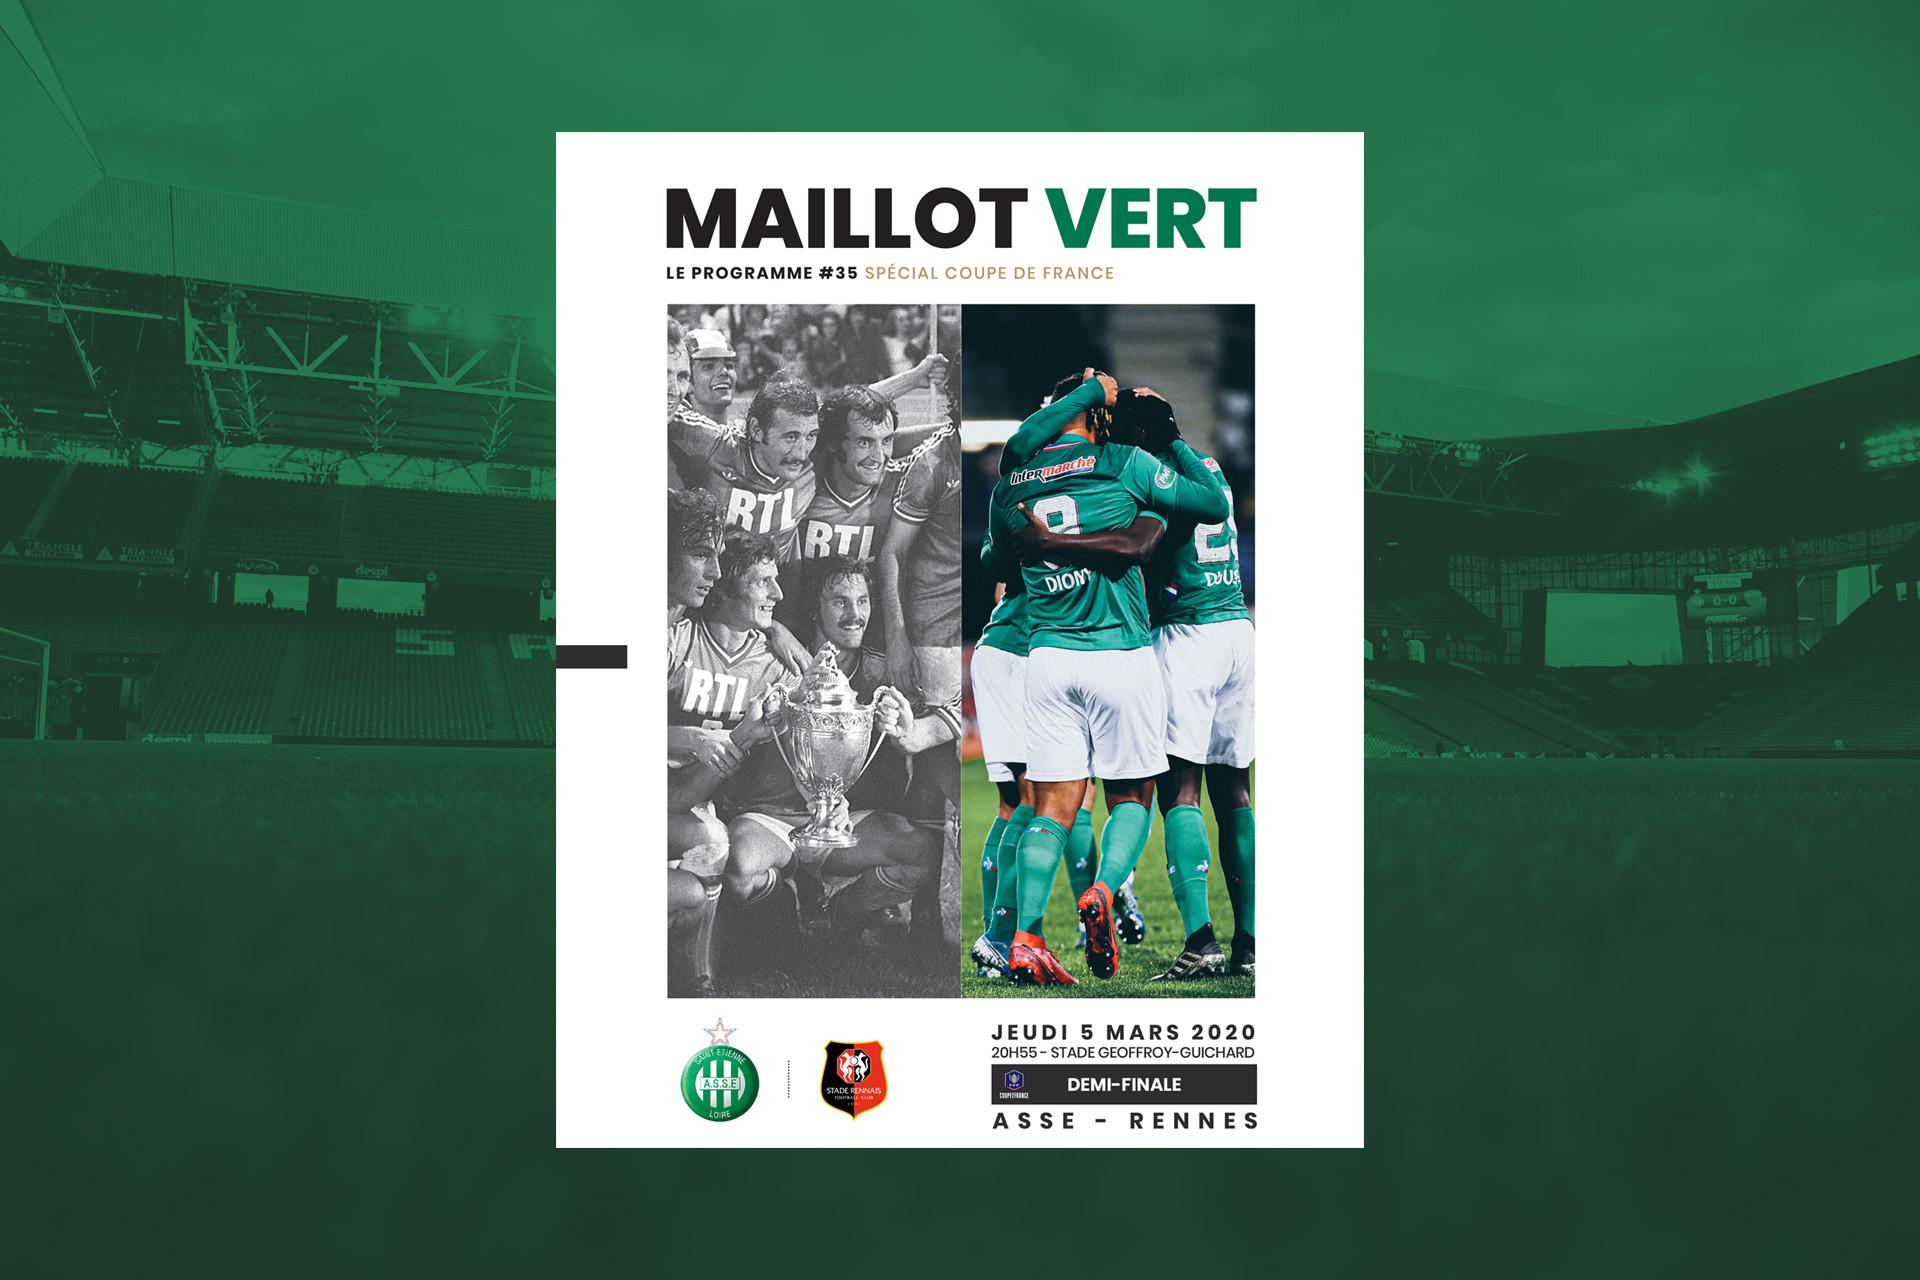 [Match] Demi-finale de Coupe de France : Saint-Etienne - Rennes - Page 2 Maillot-vert-special-coupe-de-france-est-en-ligne--1444184610